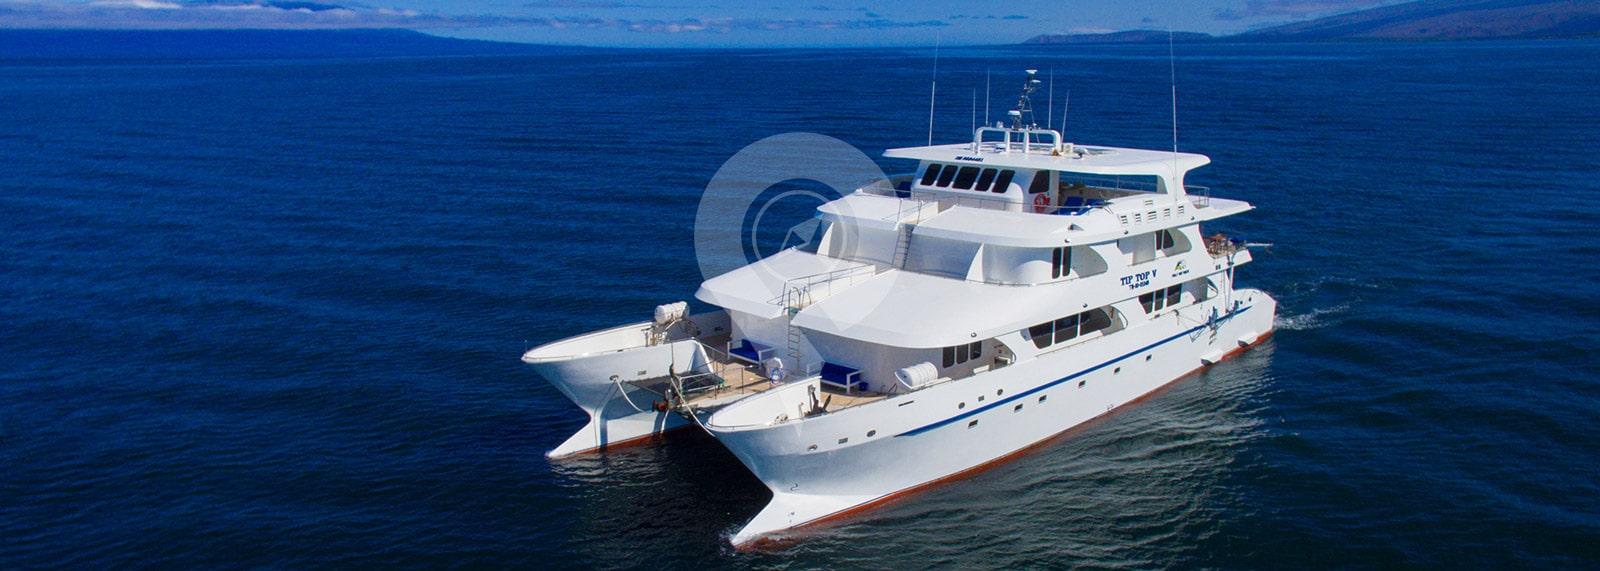 Catamaran Tip Top 5 Galapagos